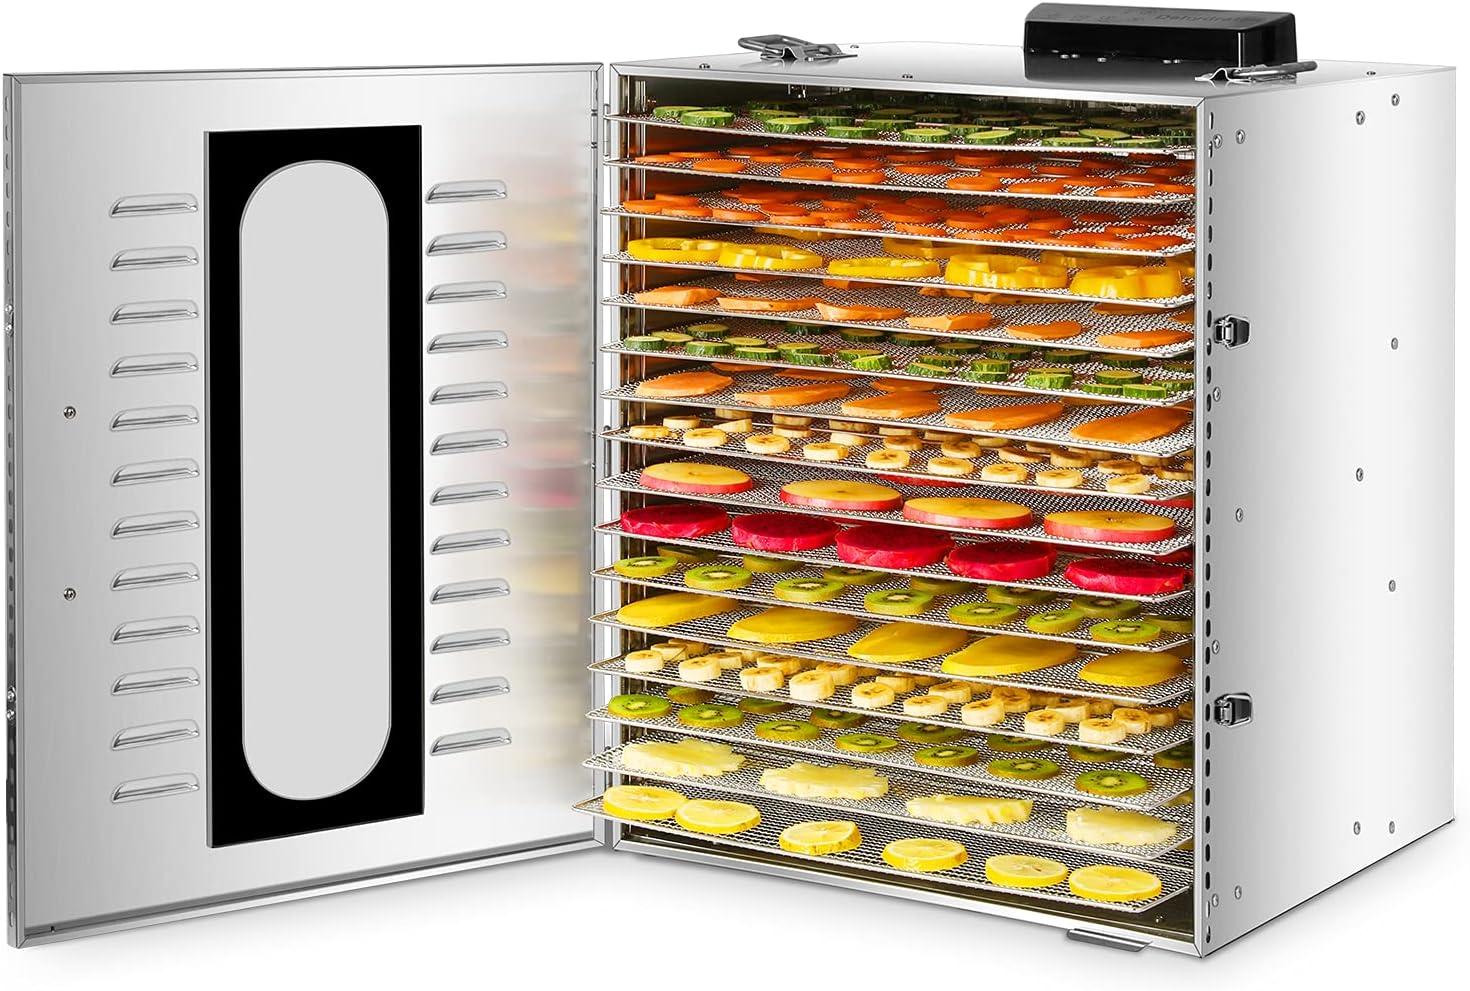 采购不锈钢食品干燥机的食品和牛肉干,1200W 16层水果蔬菜食品干燥机的香草香料牛肉干机的狗的零食在日本网上脱水。B091J23YL6